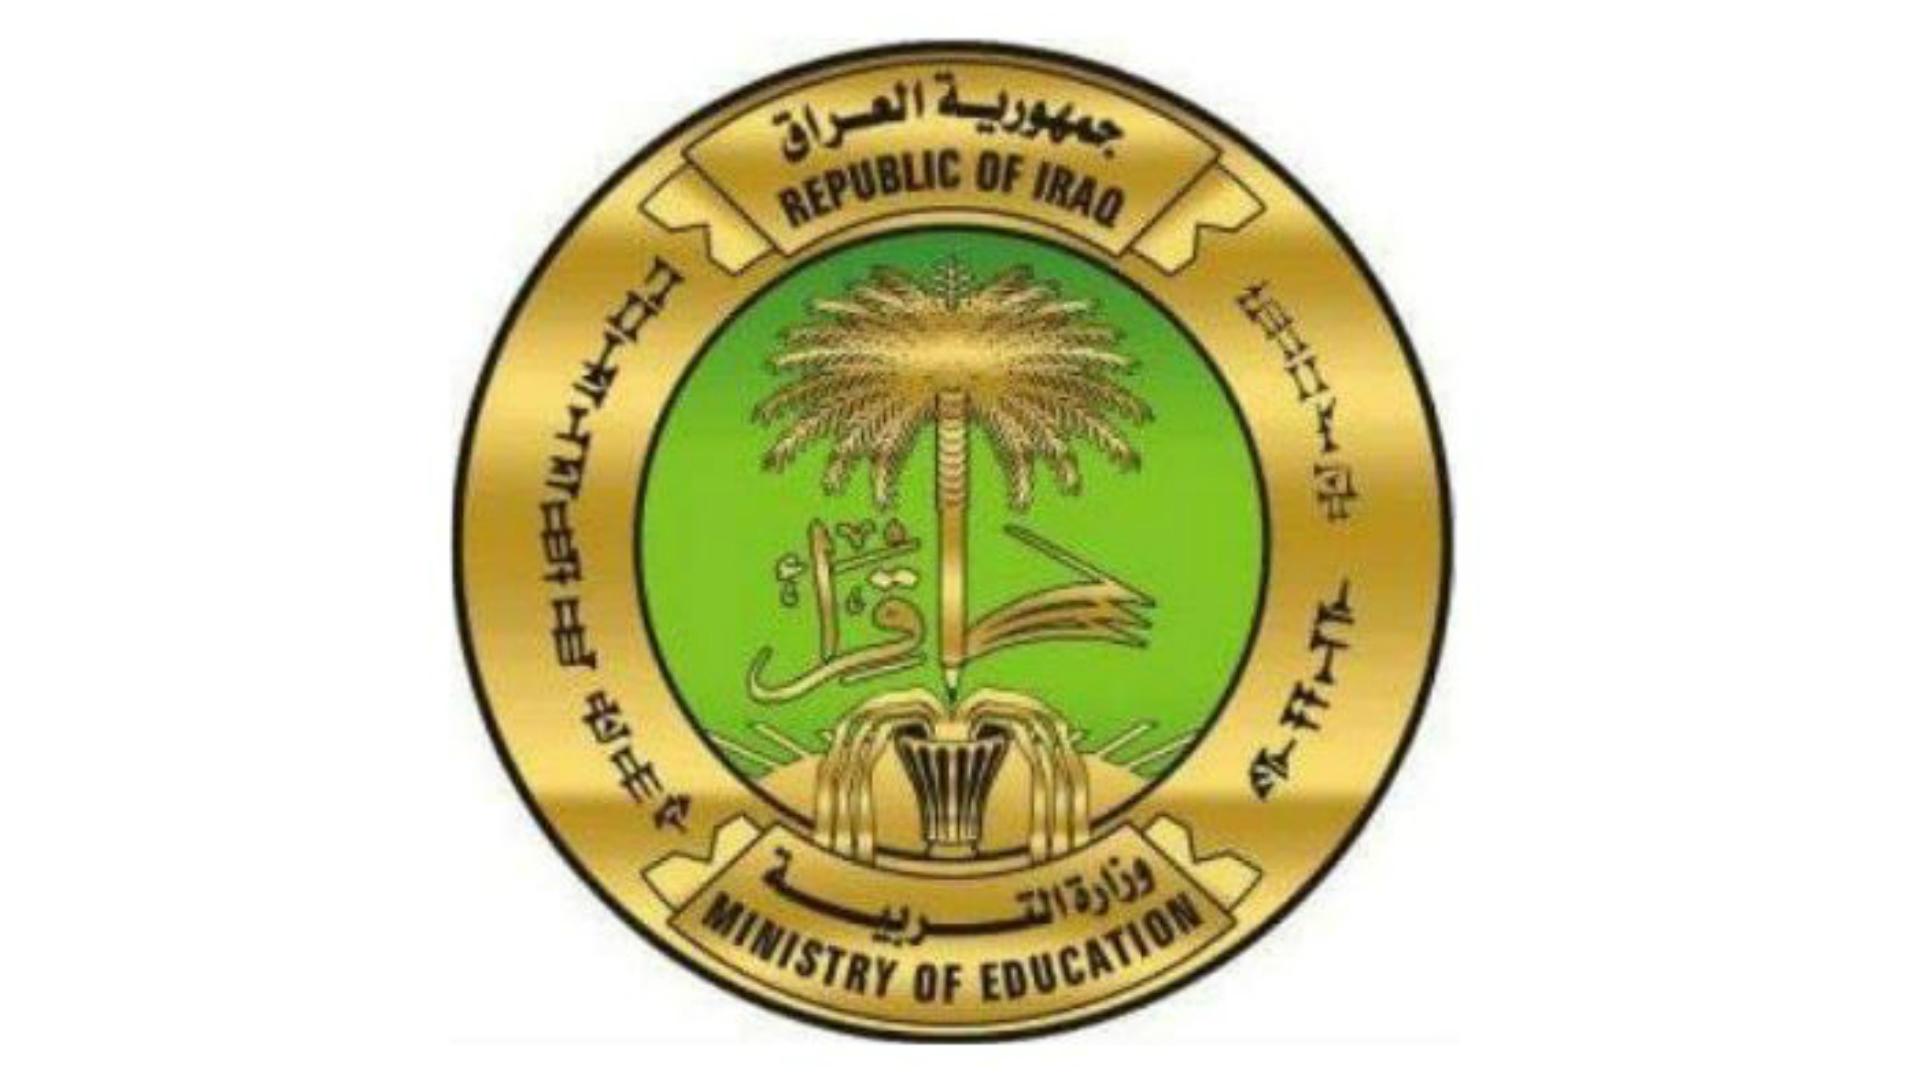 وزارة التربية تعلن السماح للمرقنة قيودهم بالعودة إلى مقاعد الدراسة